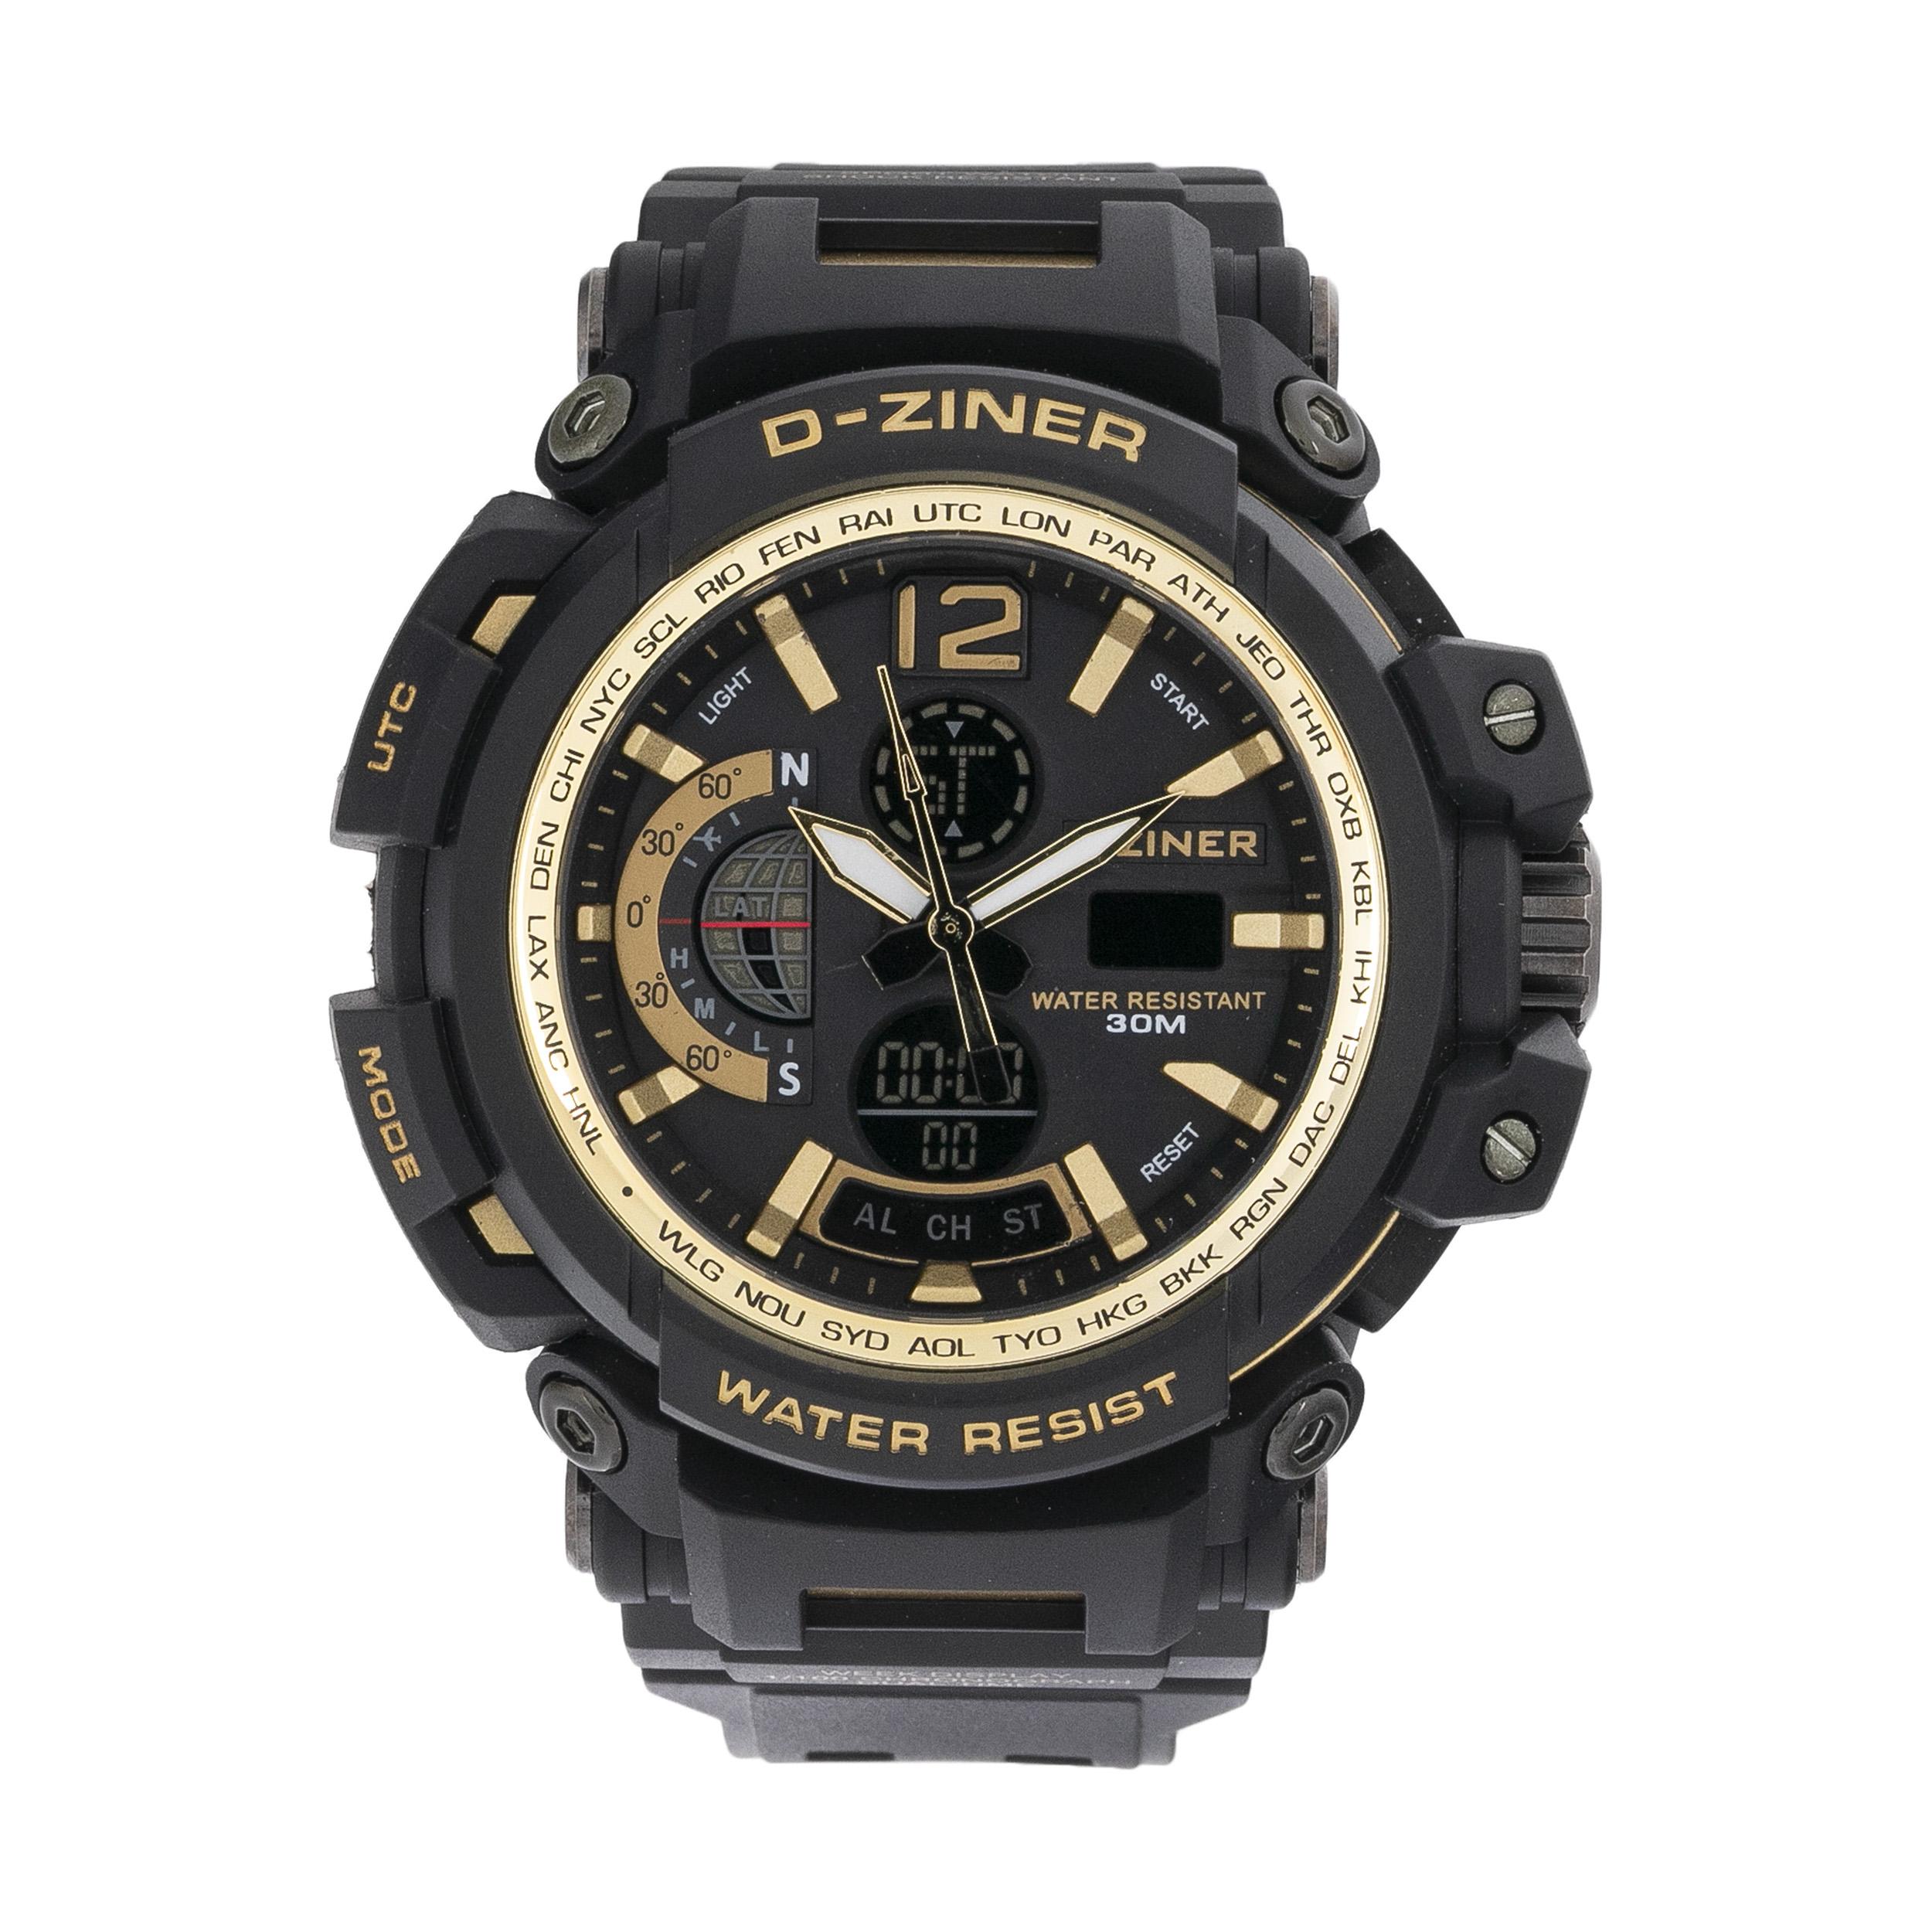 ساعت مچی عقربه ای مردانه دیزاینر مدل D-Z7004 36